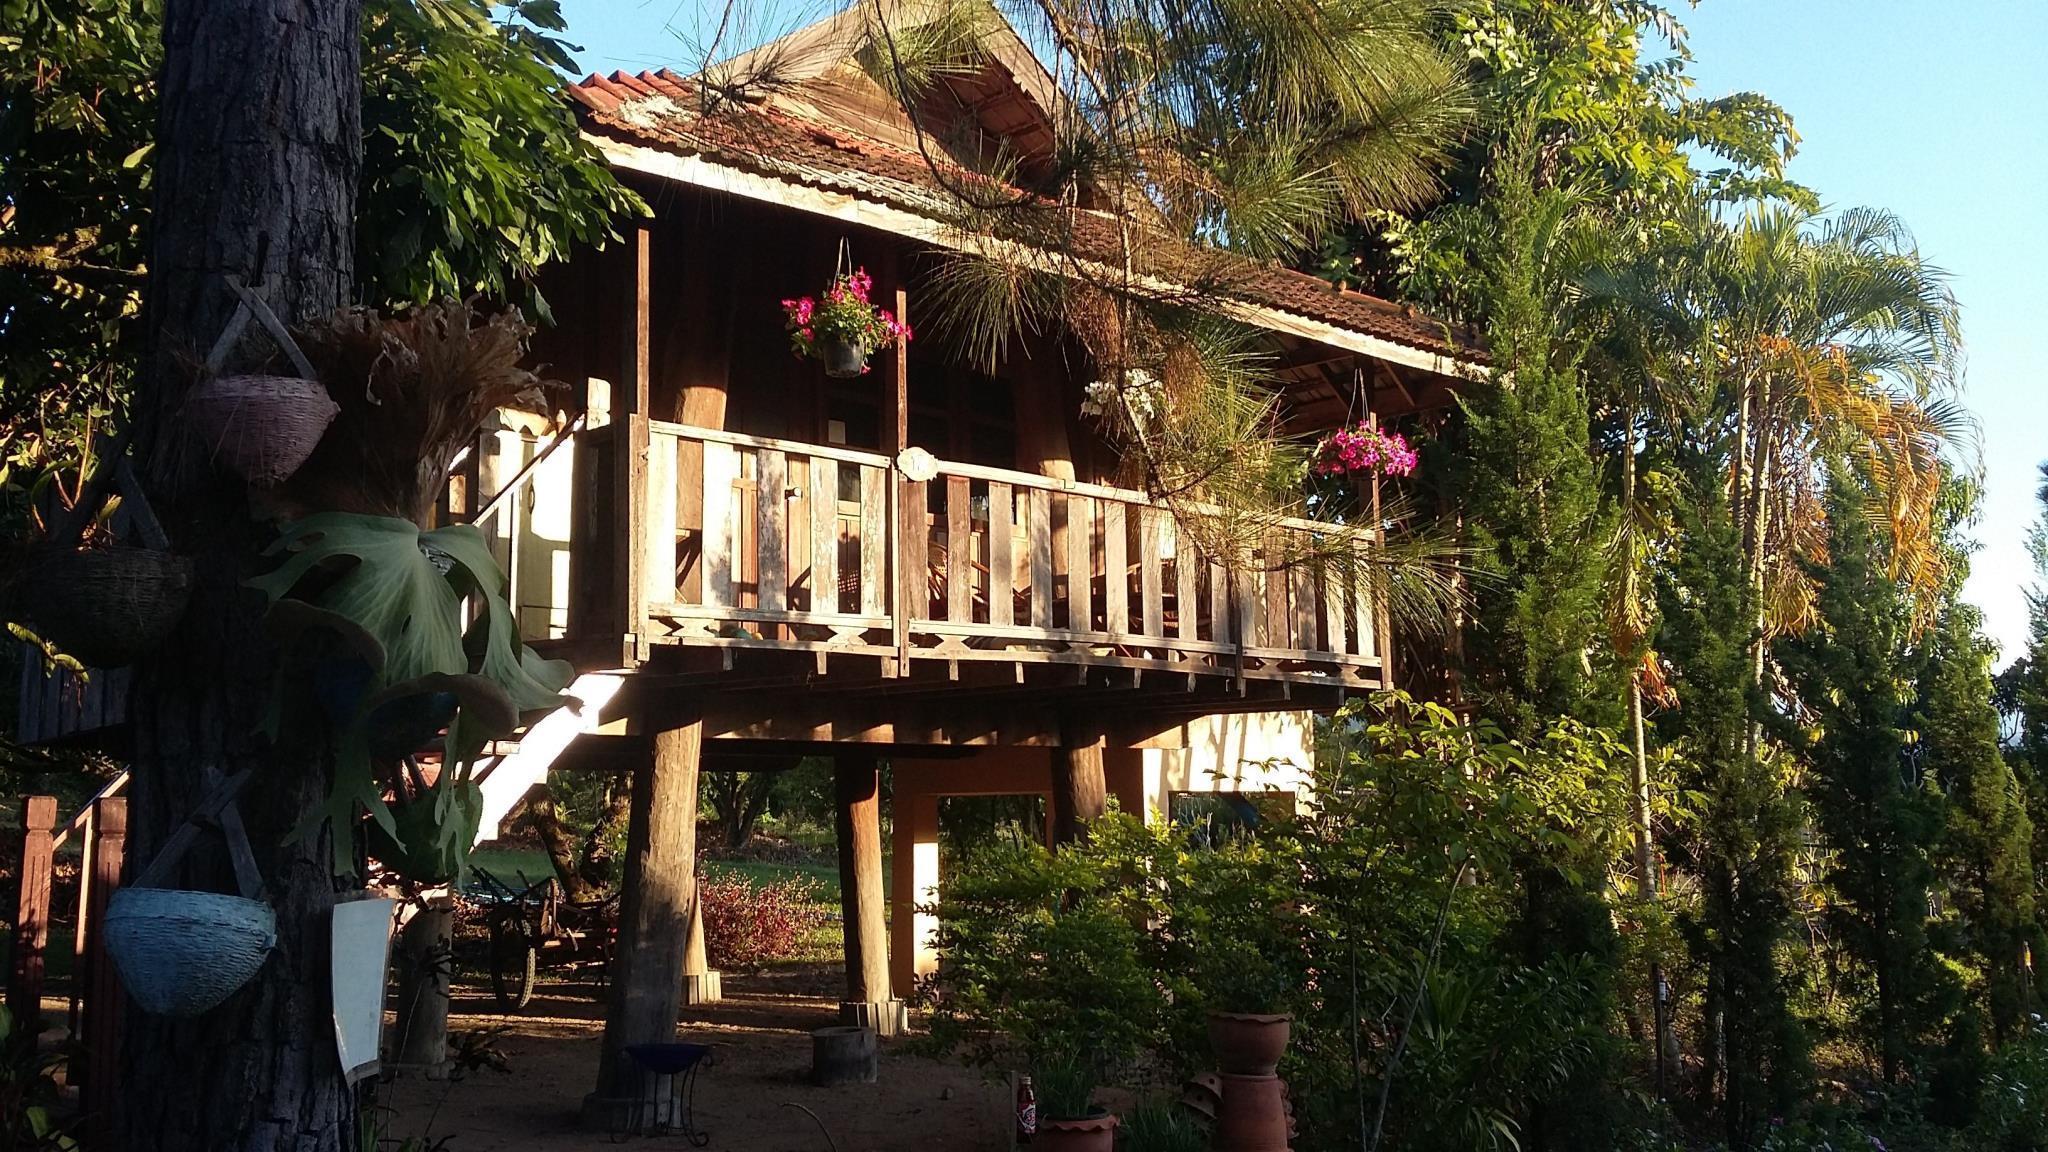 Khoom Kam Kaew Farm & Resort Khoom Kam Kaew Farm & Resort